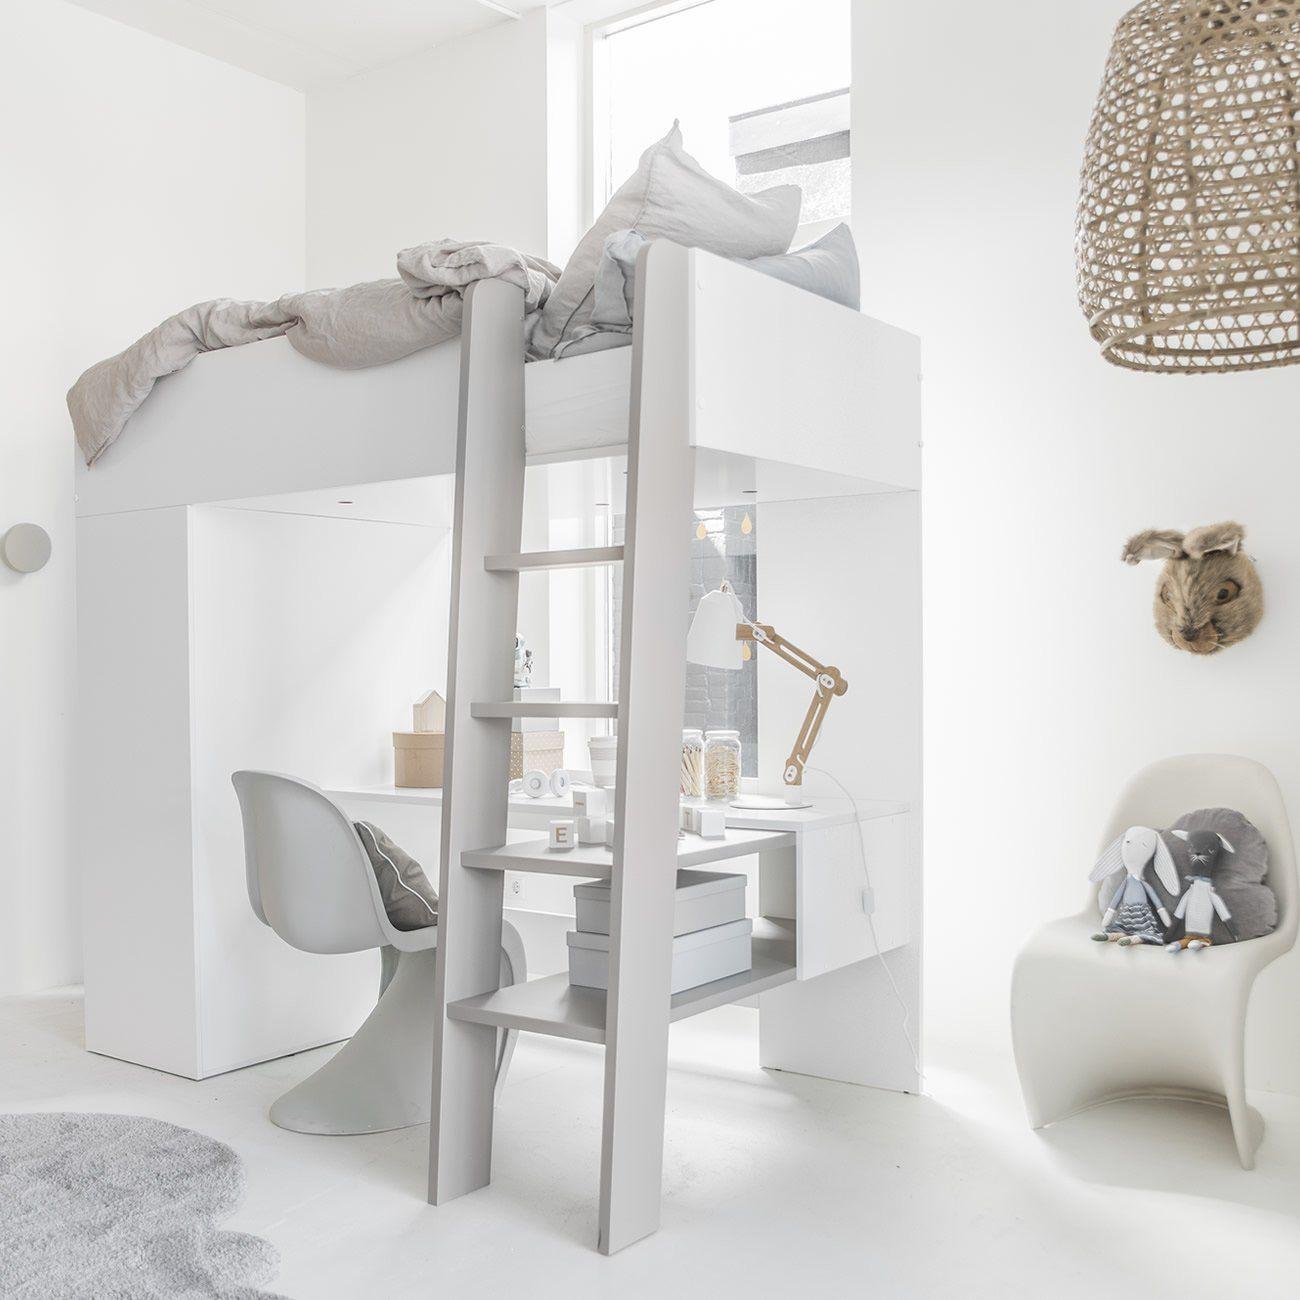 Hoogslaper Ombre 200x90 Kinder Bed Bureau Kast In Een Lit Mezzanine Enfant Lit Mezzanine Mezzanine Enfant